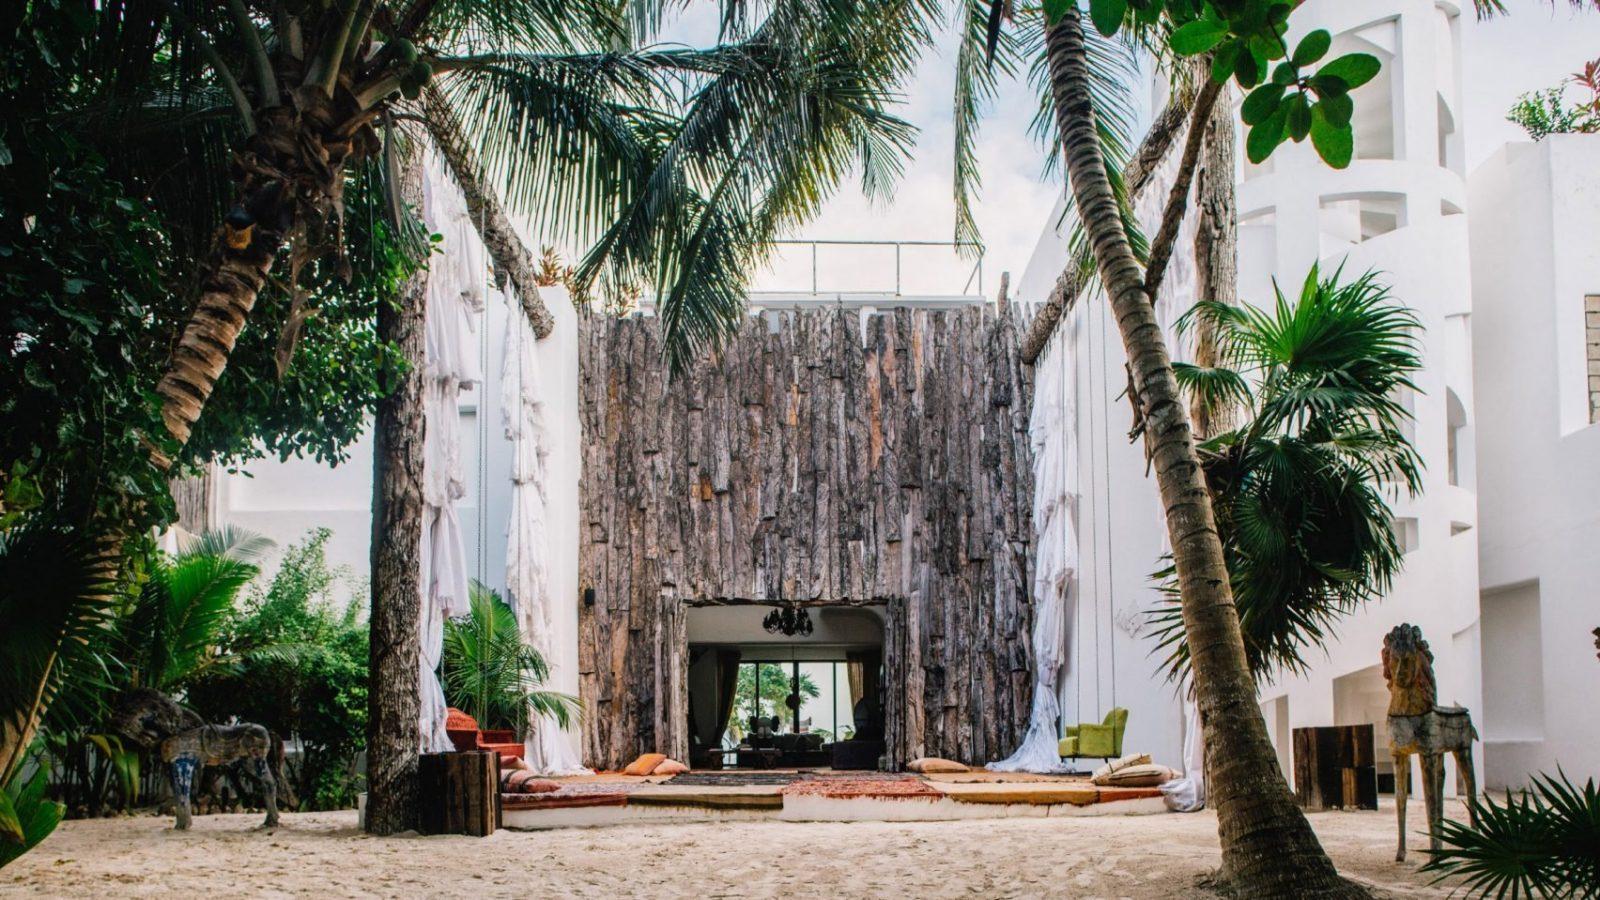 Casa Malca Pablo Escobar's mansion in Tulum